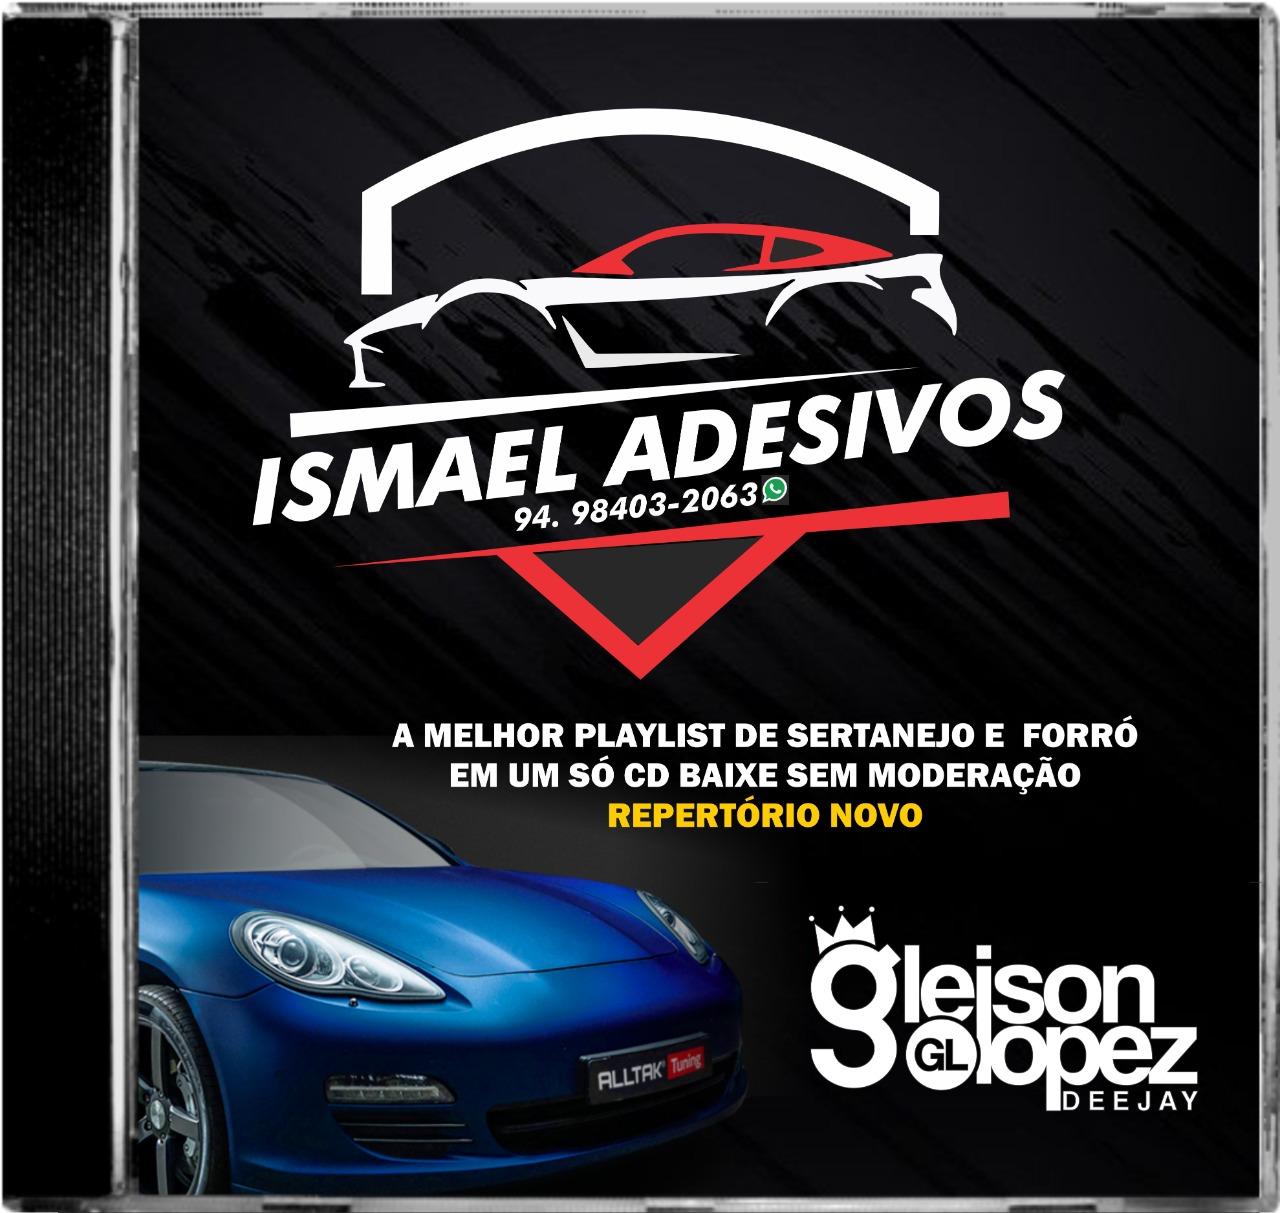 ISMAEL ADESIVOS PELICULAS E ENVELOPAMENTOS - Gleison Lopez